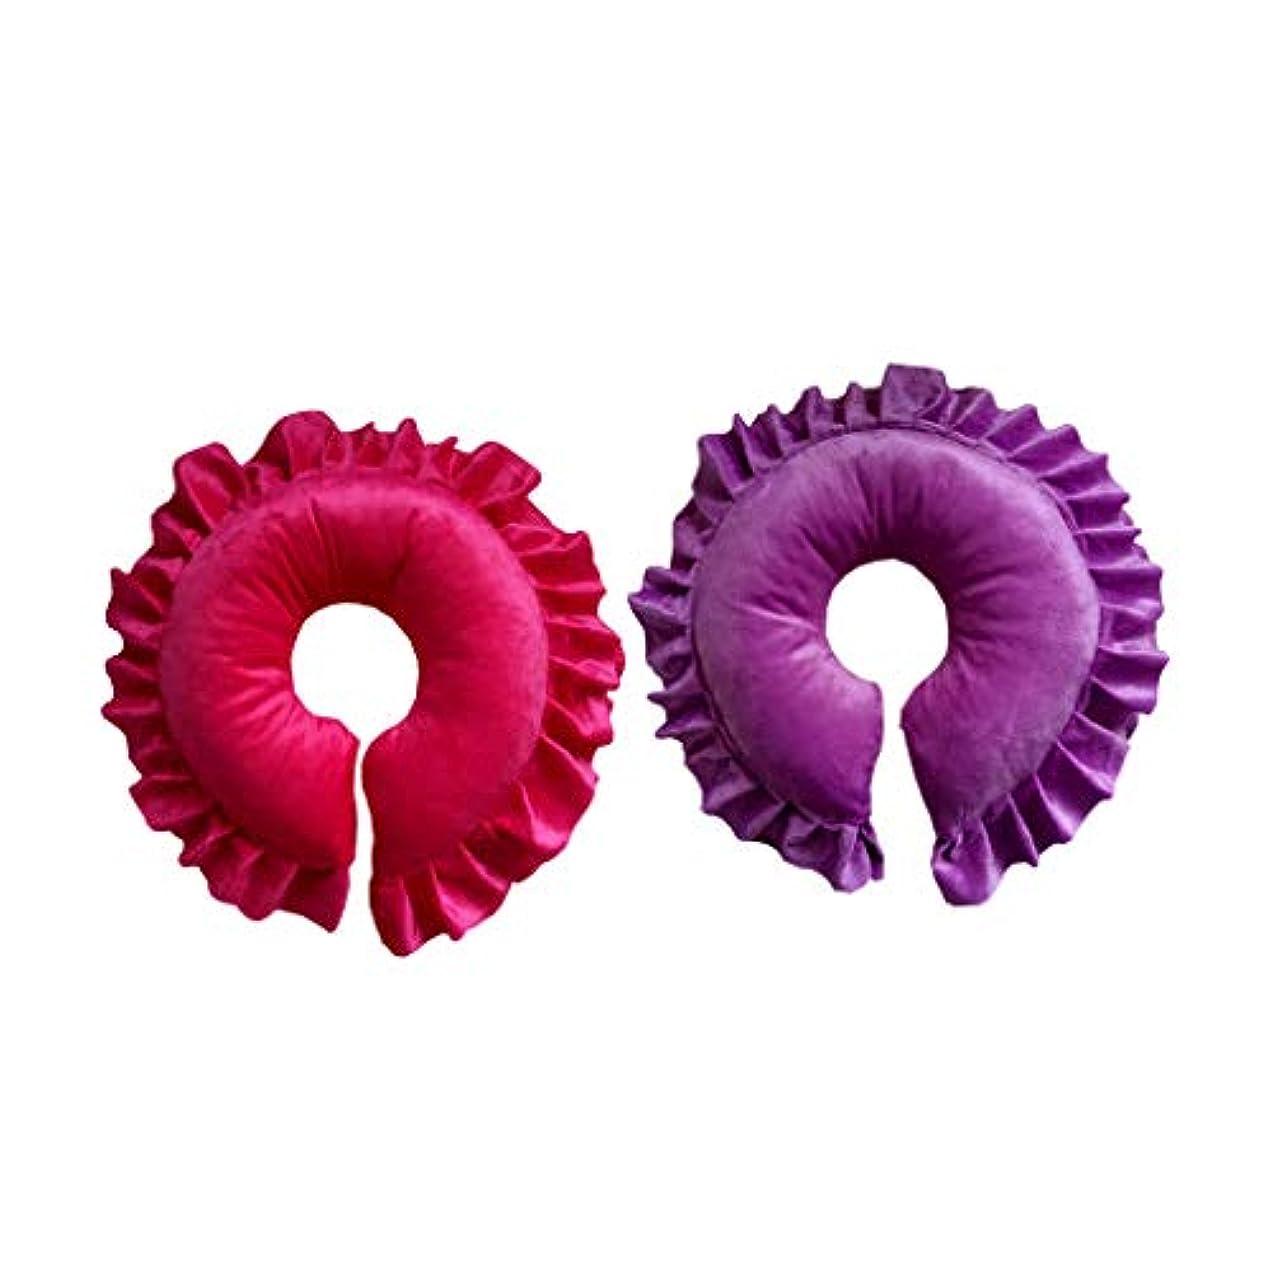 sharprepublic マッサージ枕 フェイスピロー マッサージクッション サロン スパ 快適 実用的 紫&赤 2個入り